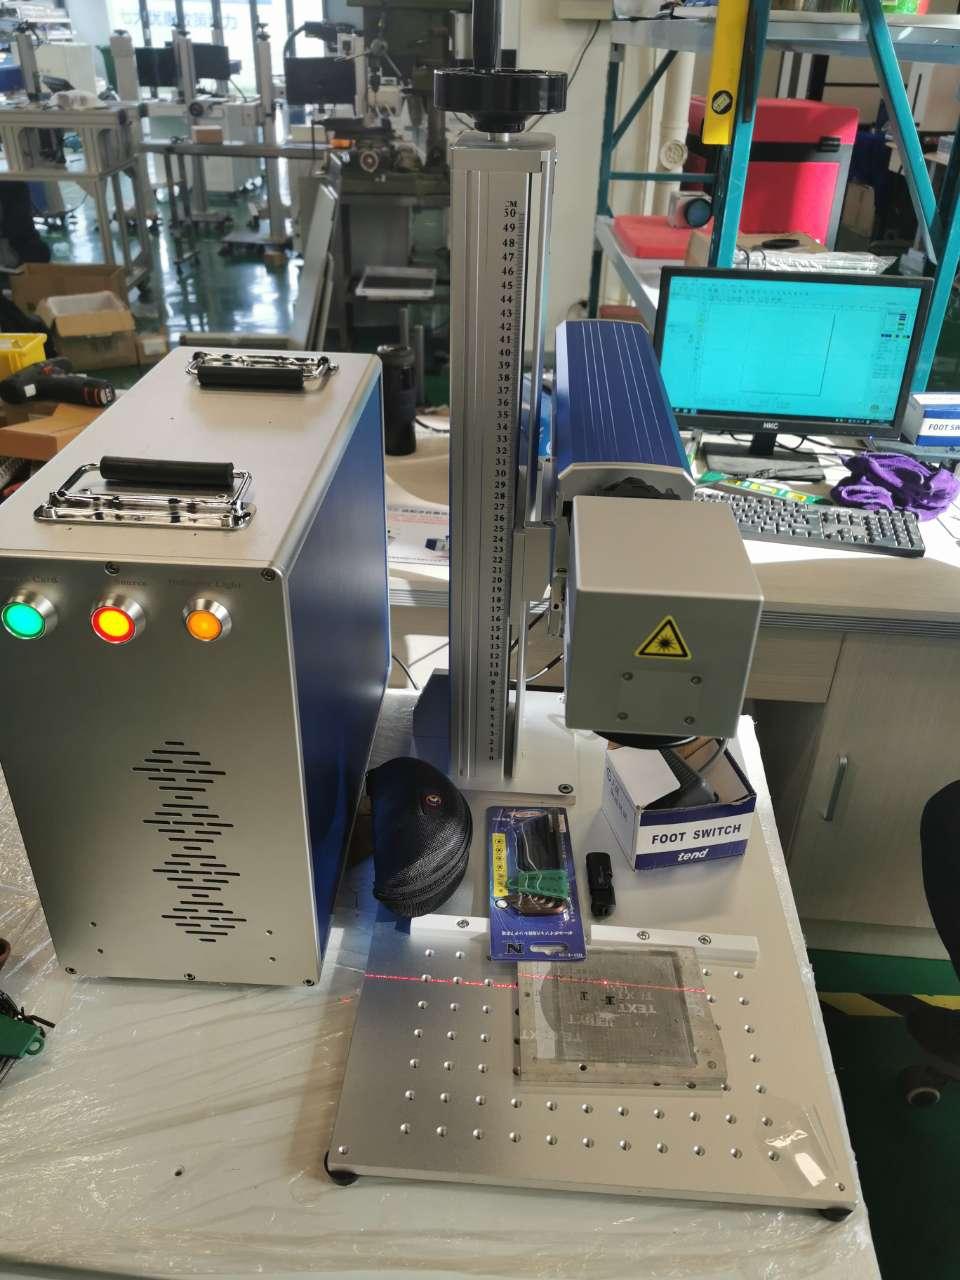 MOPA JPT M7 máquina de grabado láser de fibra desmontable 100w 175*175mm BY-100GS Metal aluminio plástico máquina de marcado